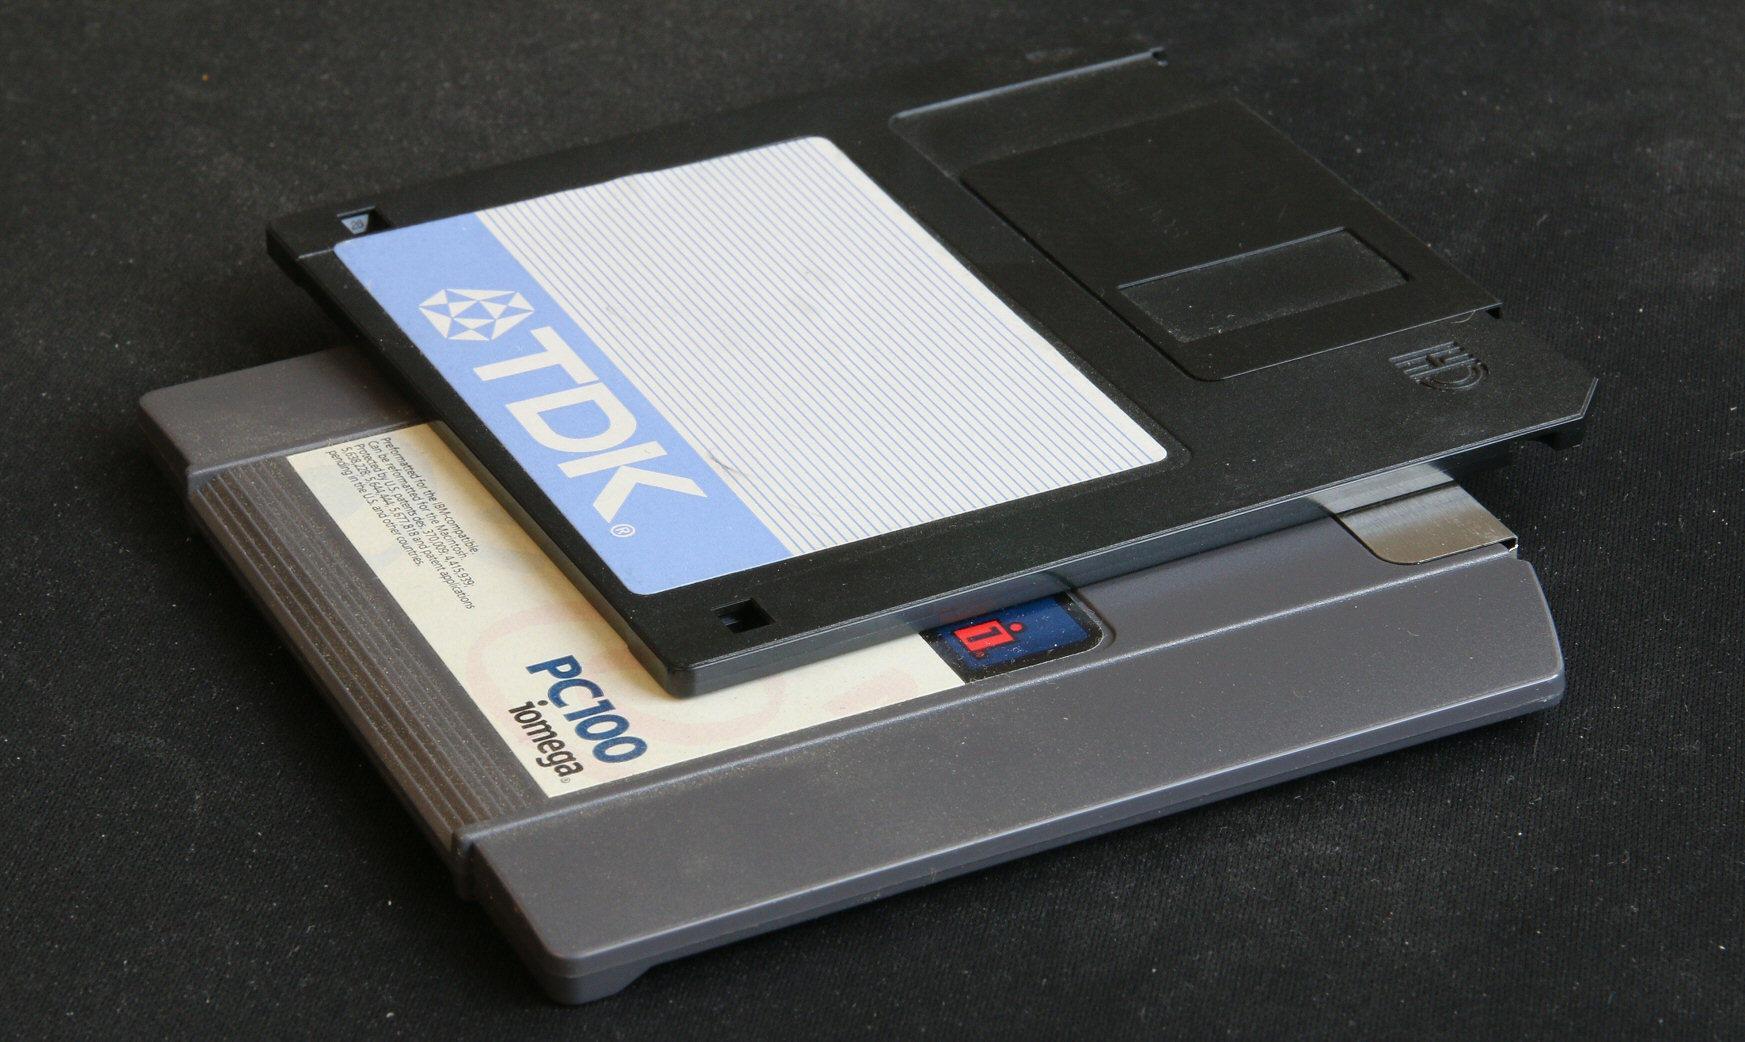 Zip-disketten var bare litt større og tykkere enn en vanlig 3,5-tommers diskett, men rommet langt mer data.Foto: Vegar Jansen, Hardware.no